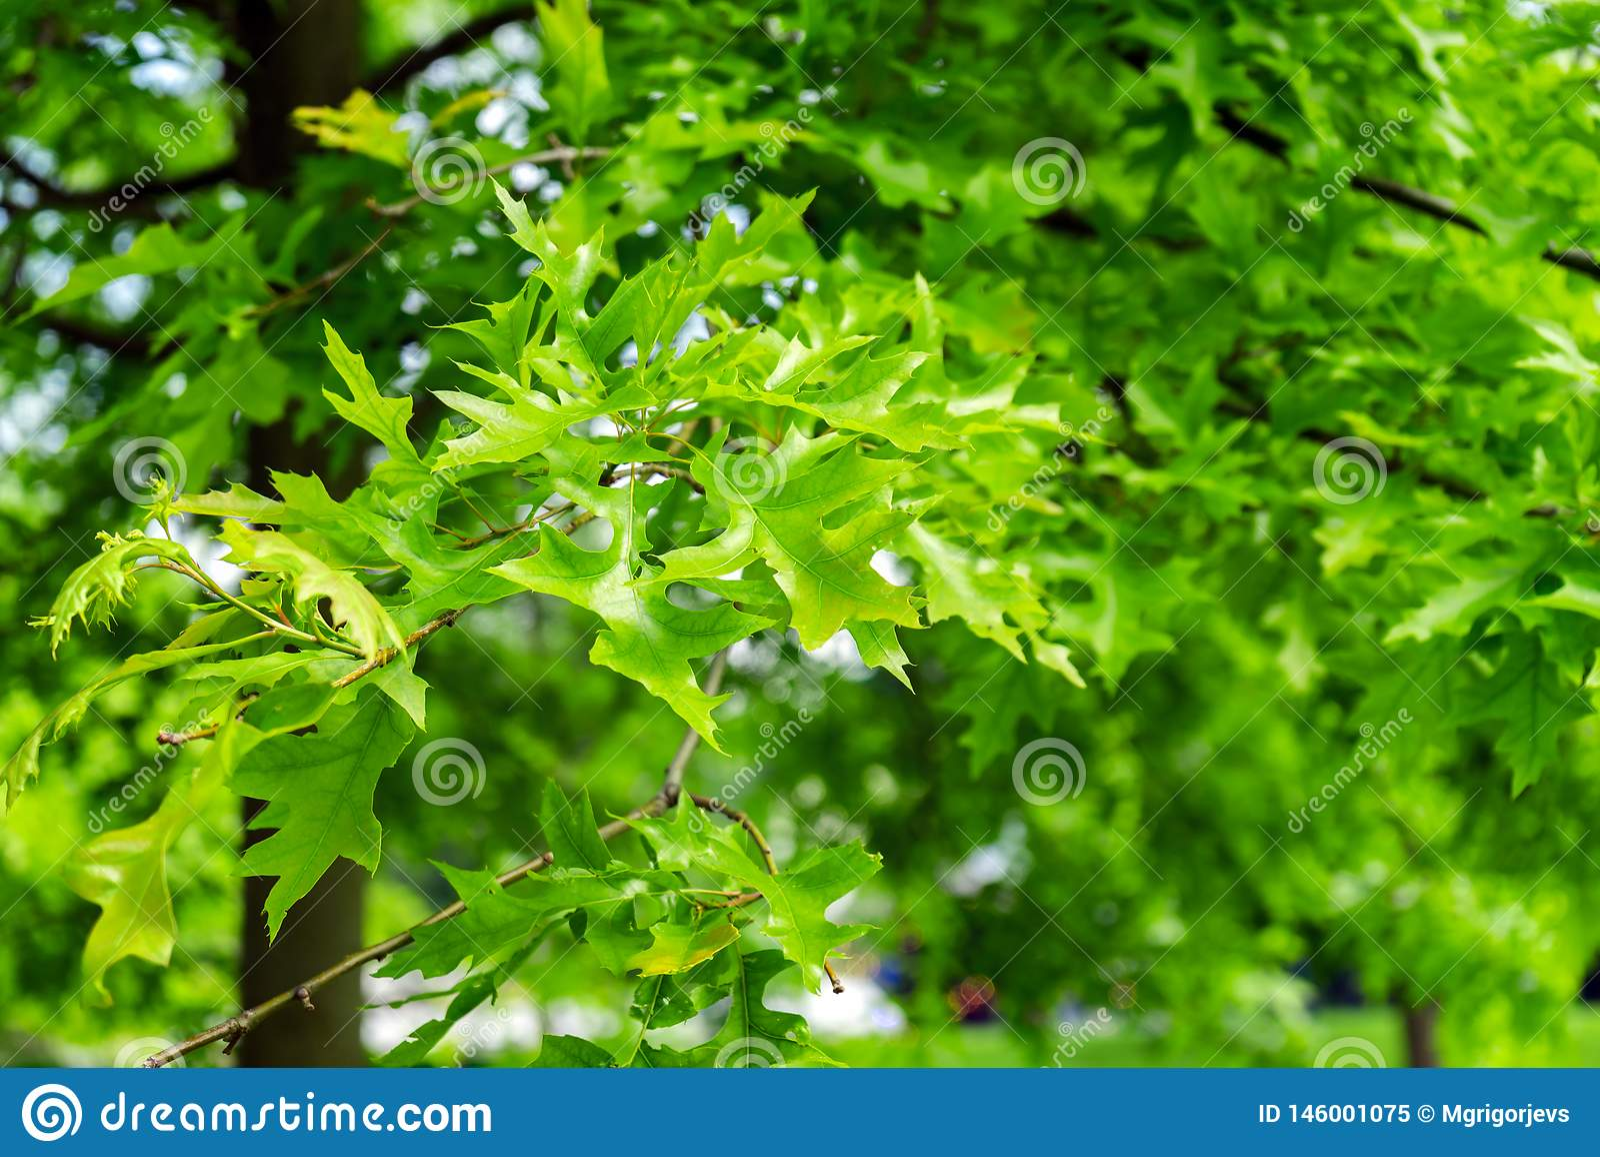 Folhas verdes de ajardinar a árvore, os palustris do Quercus, o pino ou o carvalho espanhol do pântano no parque